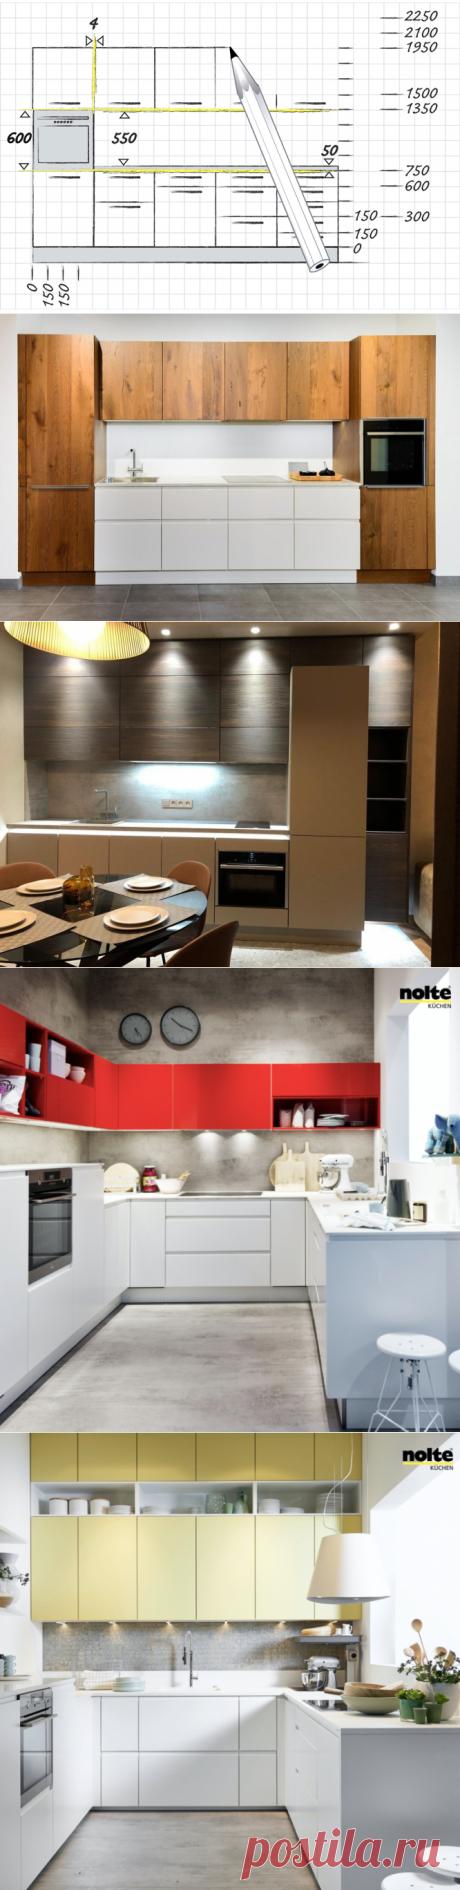 Проектируем маленькую кухню. Реальный опыт с кухнями Nolte | Nolte Küchen | Яндекс Дзен